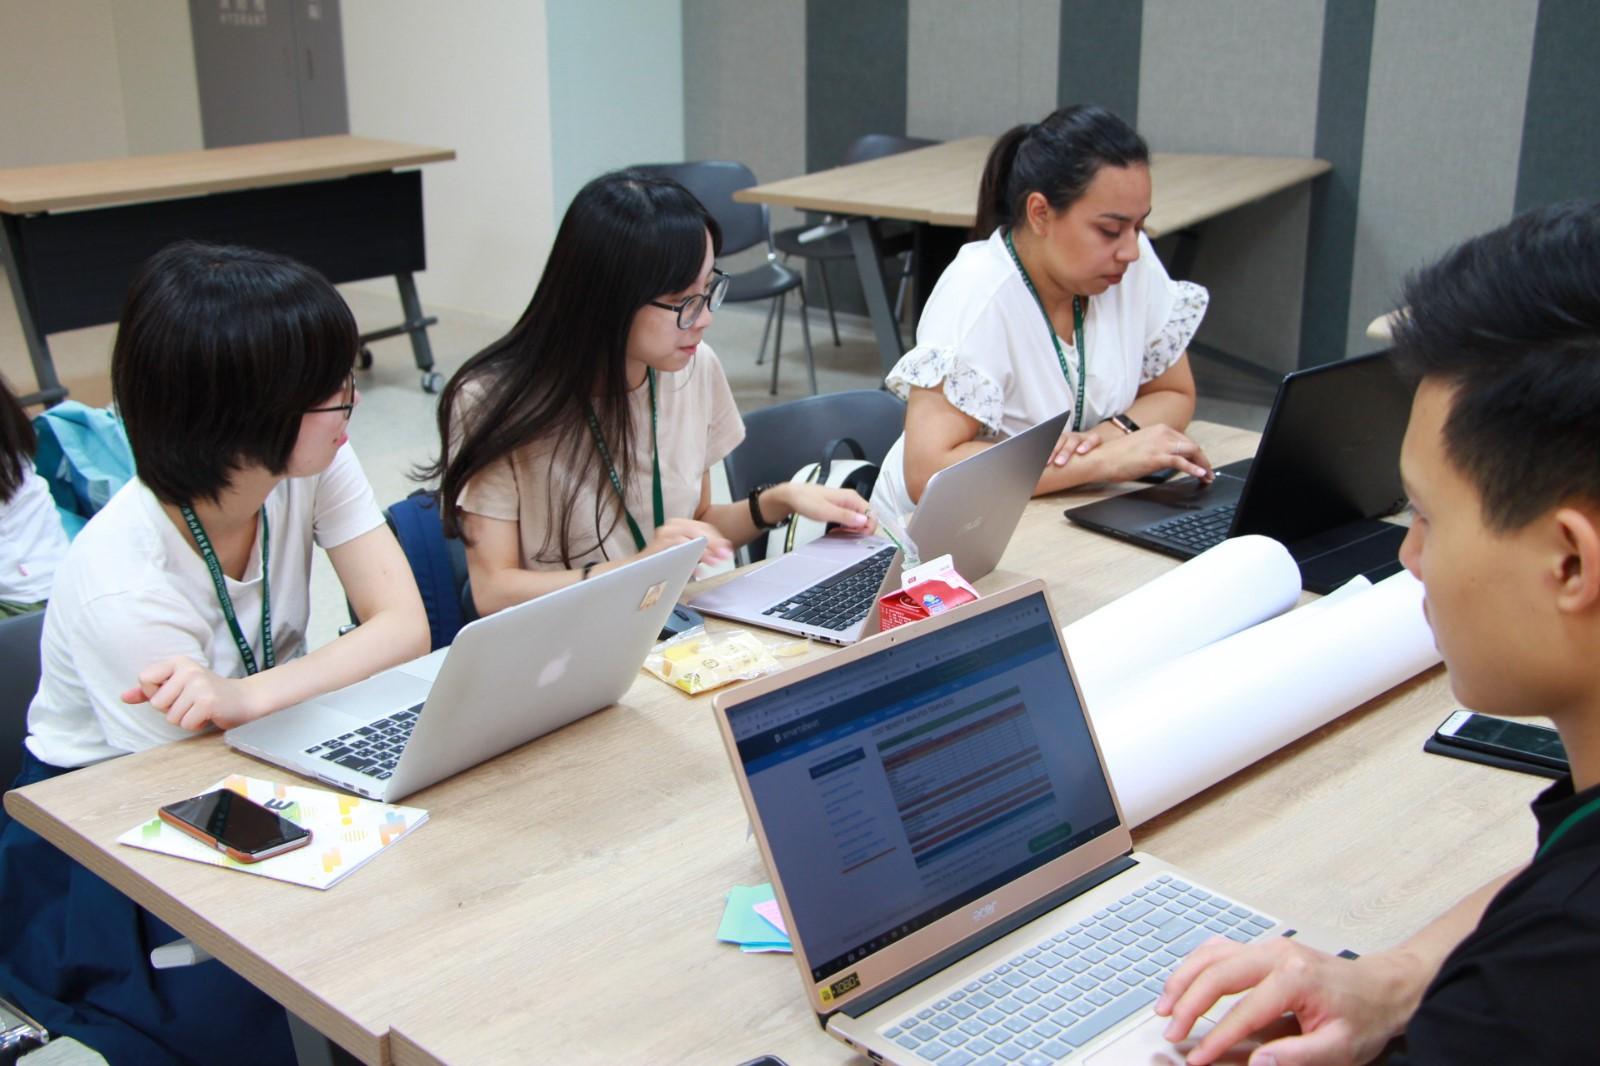 中原大學創業營,跨國學生團隊專注地合作發展創新項目.jpg